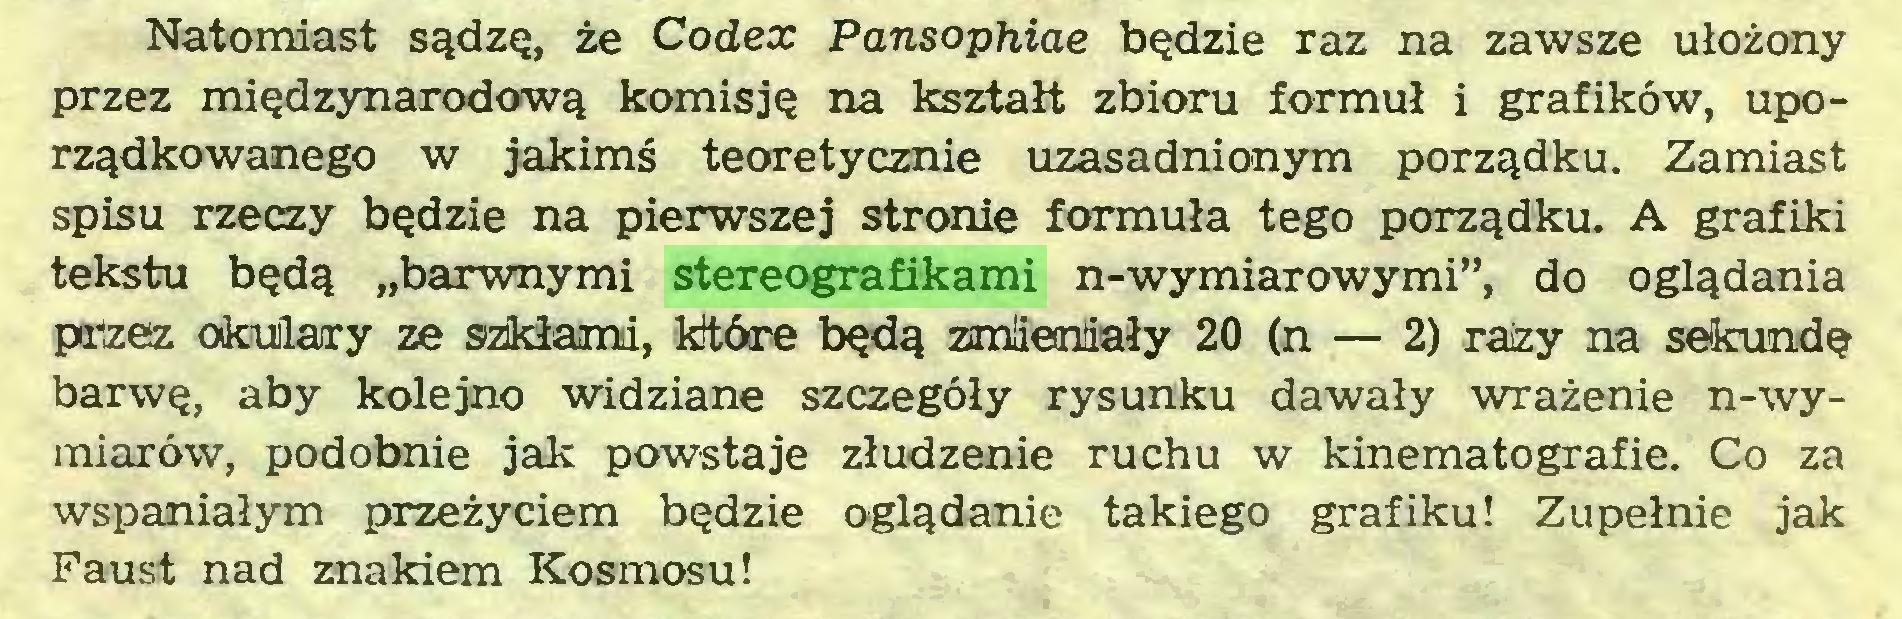 """(...) Natomiast sądzę, że Codex Pansophiae będzie raz na zawsze ułożony przez międzynarodową komisję na kształt zbioru formuł i grafików, uporządkowanego w jakimś teoretycznie uzasadnionym porządku. Zamiast spisu rzeczy będzie na pierwszej stronie formuła tego porządku. A grafiki tekstu będą """"barwnymi stereografikami n-wymiarowymi"""", do oglądania przez okulary ze szikłami, które będą zmieniały 20 (n — 2) raizy na sekundę barwę, aby kolejno widziane szczegóły rysunku dawały wrażenie n-wymiarów, podobnie jak powstaje złudzenie ruchu w kinematografie. Co za wspaniałym przeżyciem będzie oglądanie takiego grafiku! Zupełnie jak Faust nad znakiem Kosmosu!..."""